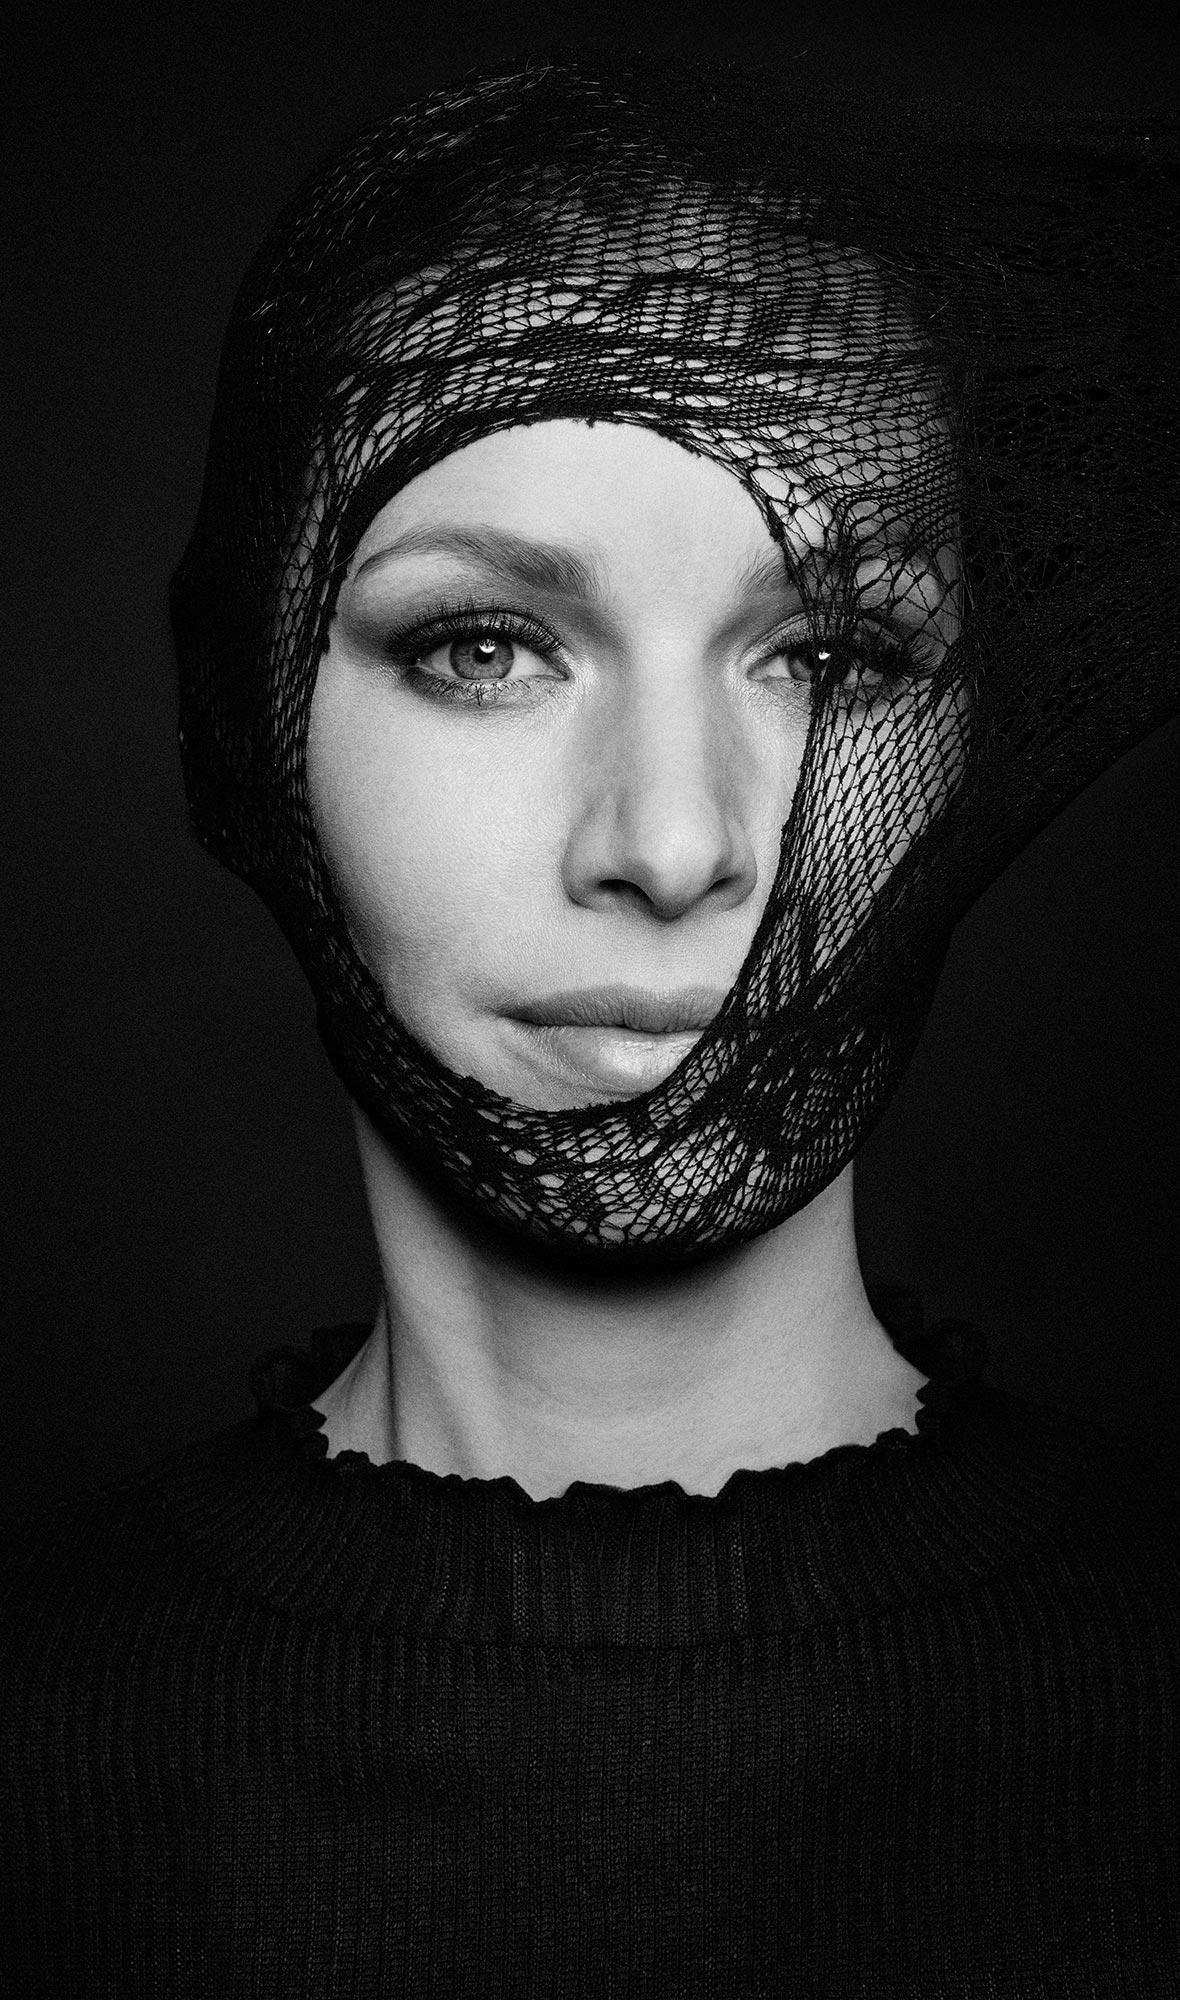 bw-portrait-women-008.jpg